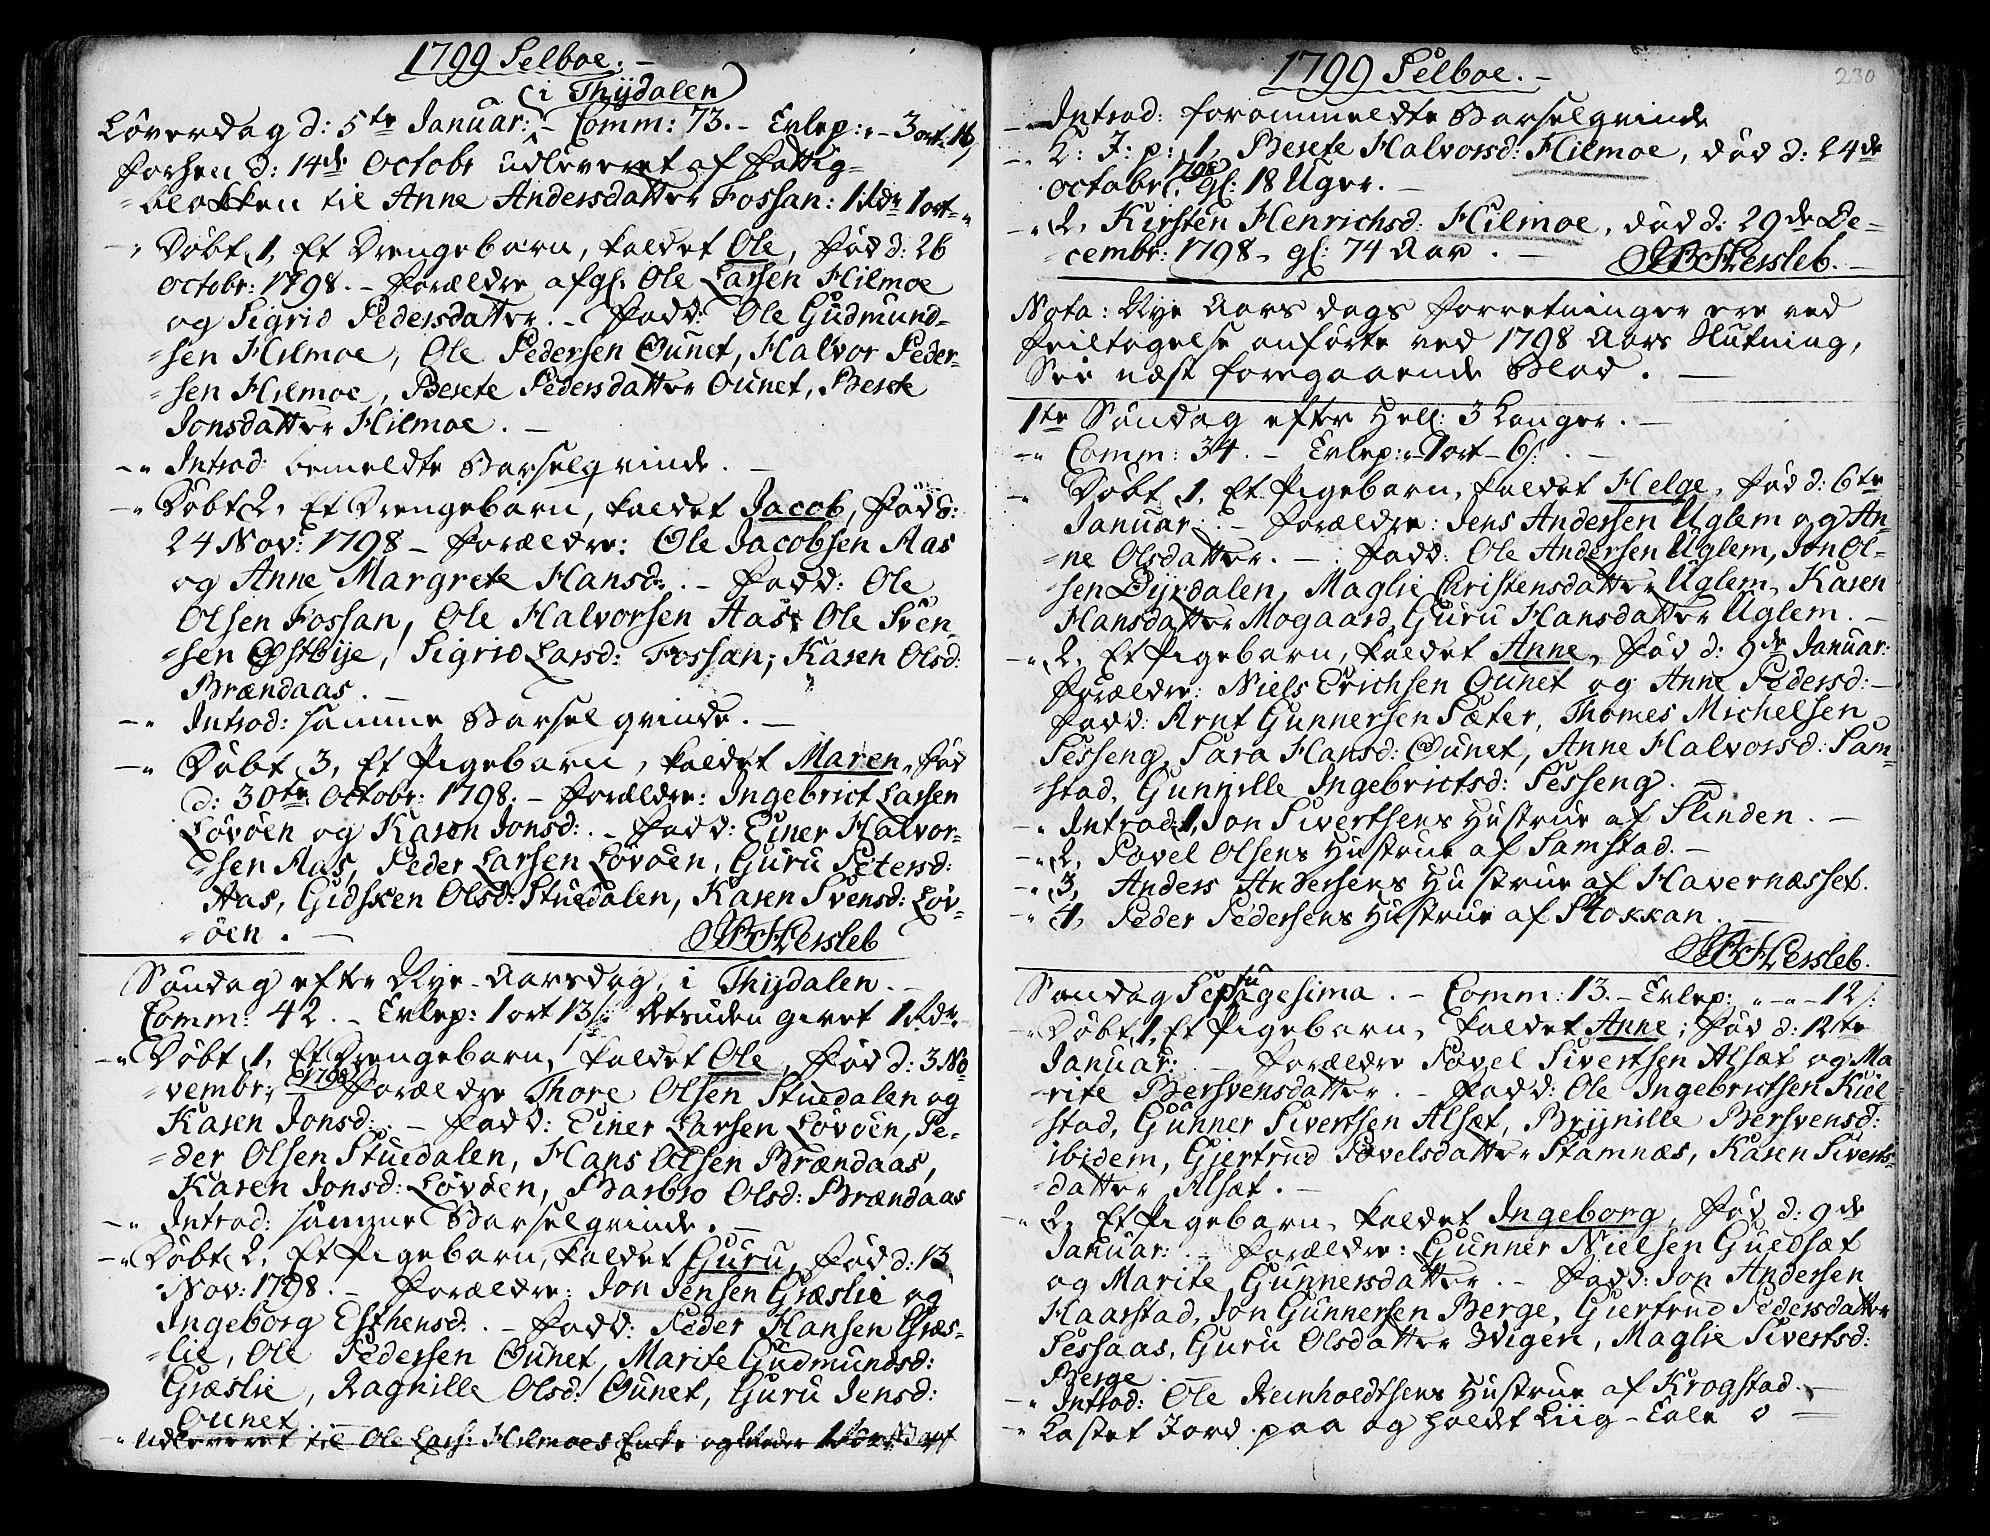 SAT, Ministerialprotokoller, klokkerbøker og fødselsregistre - Sør-Trøndelag, 695/L1138: Ministerialbok nr. 695A02 /1, 1757-1801, s. 230